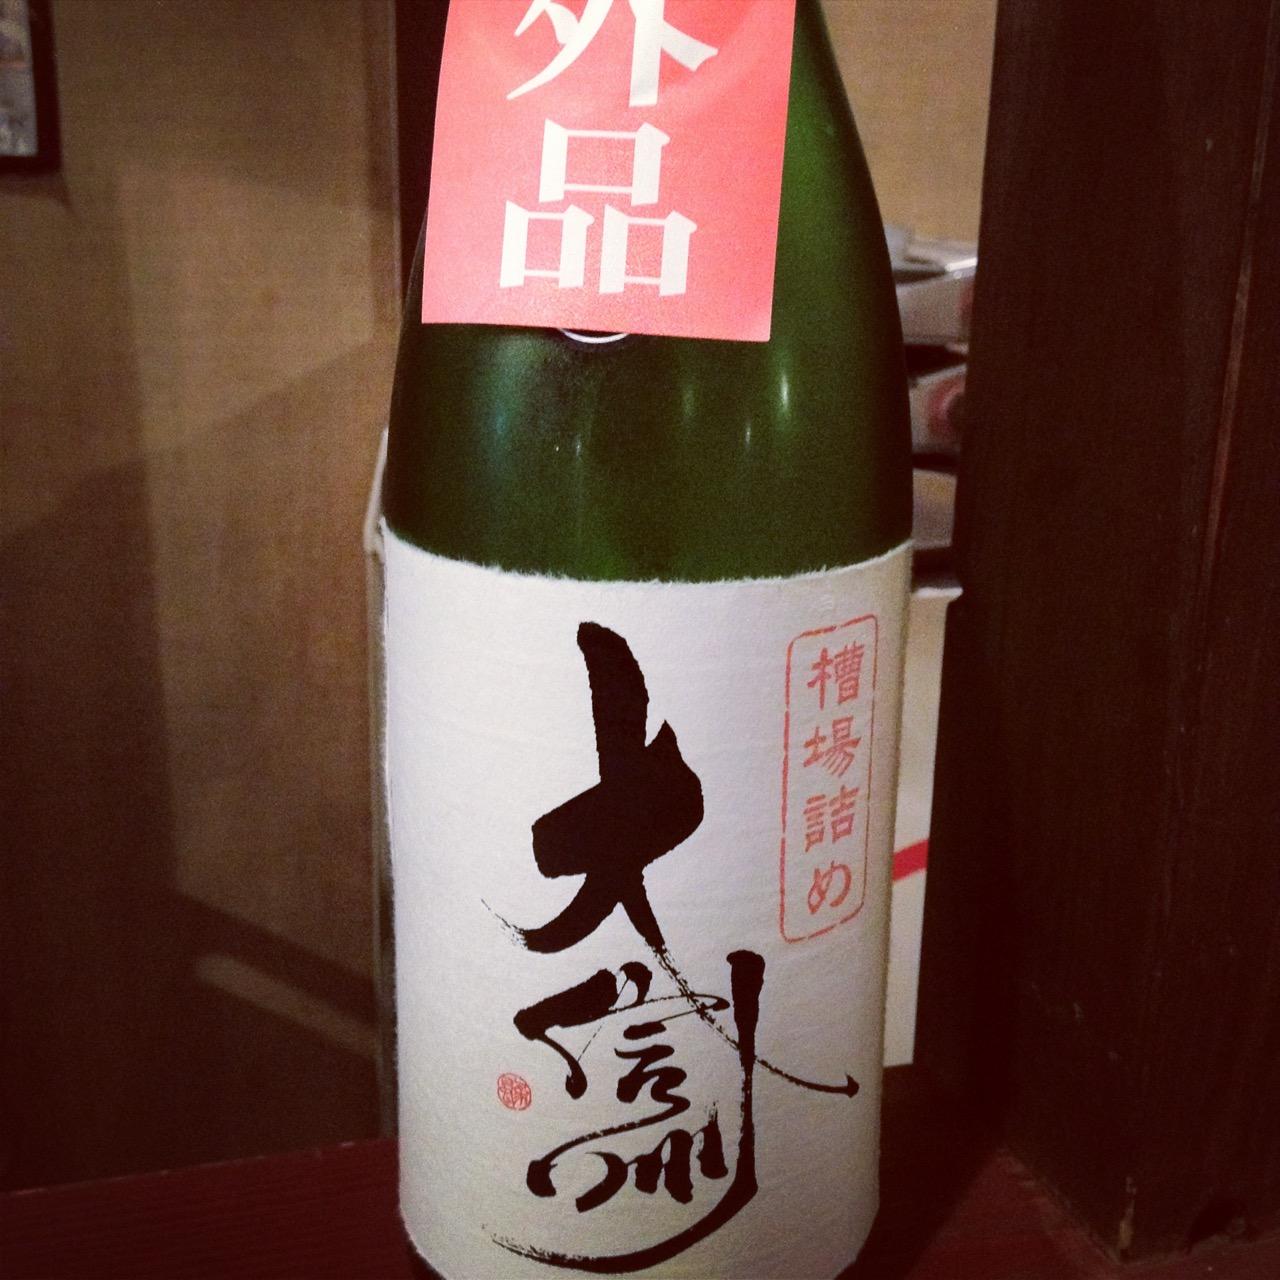 大信州 槽場詰め 番外品 日本酒テイスティングノート